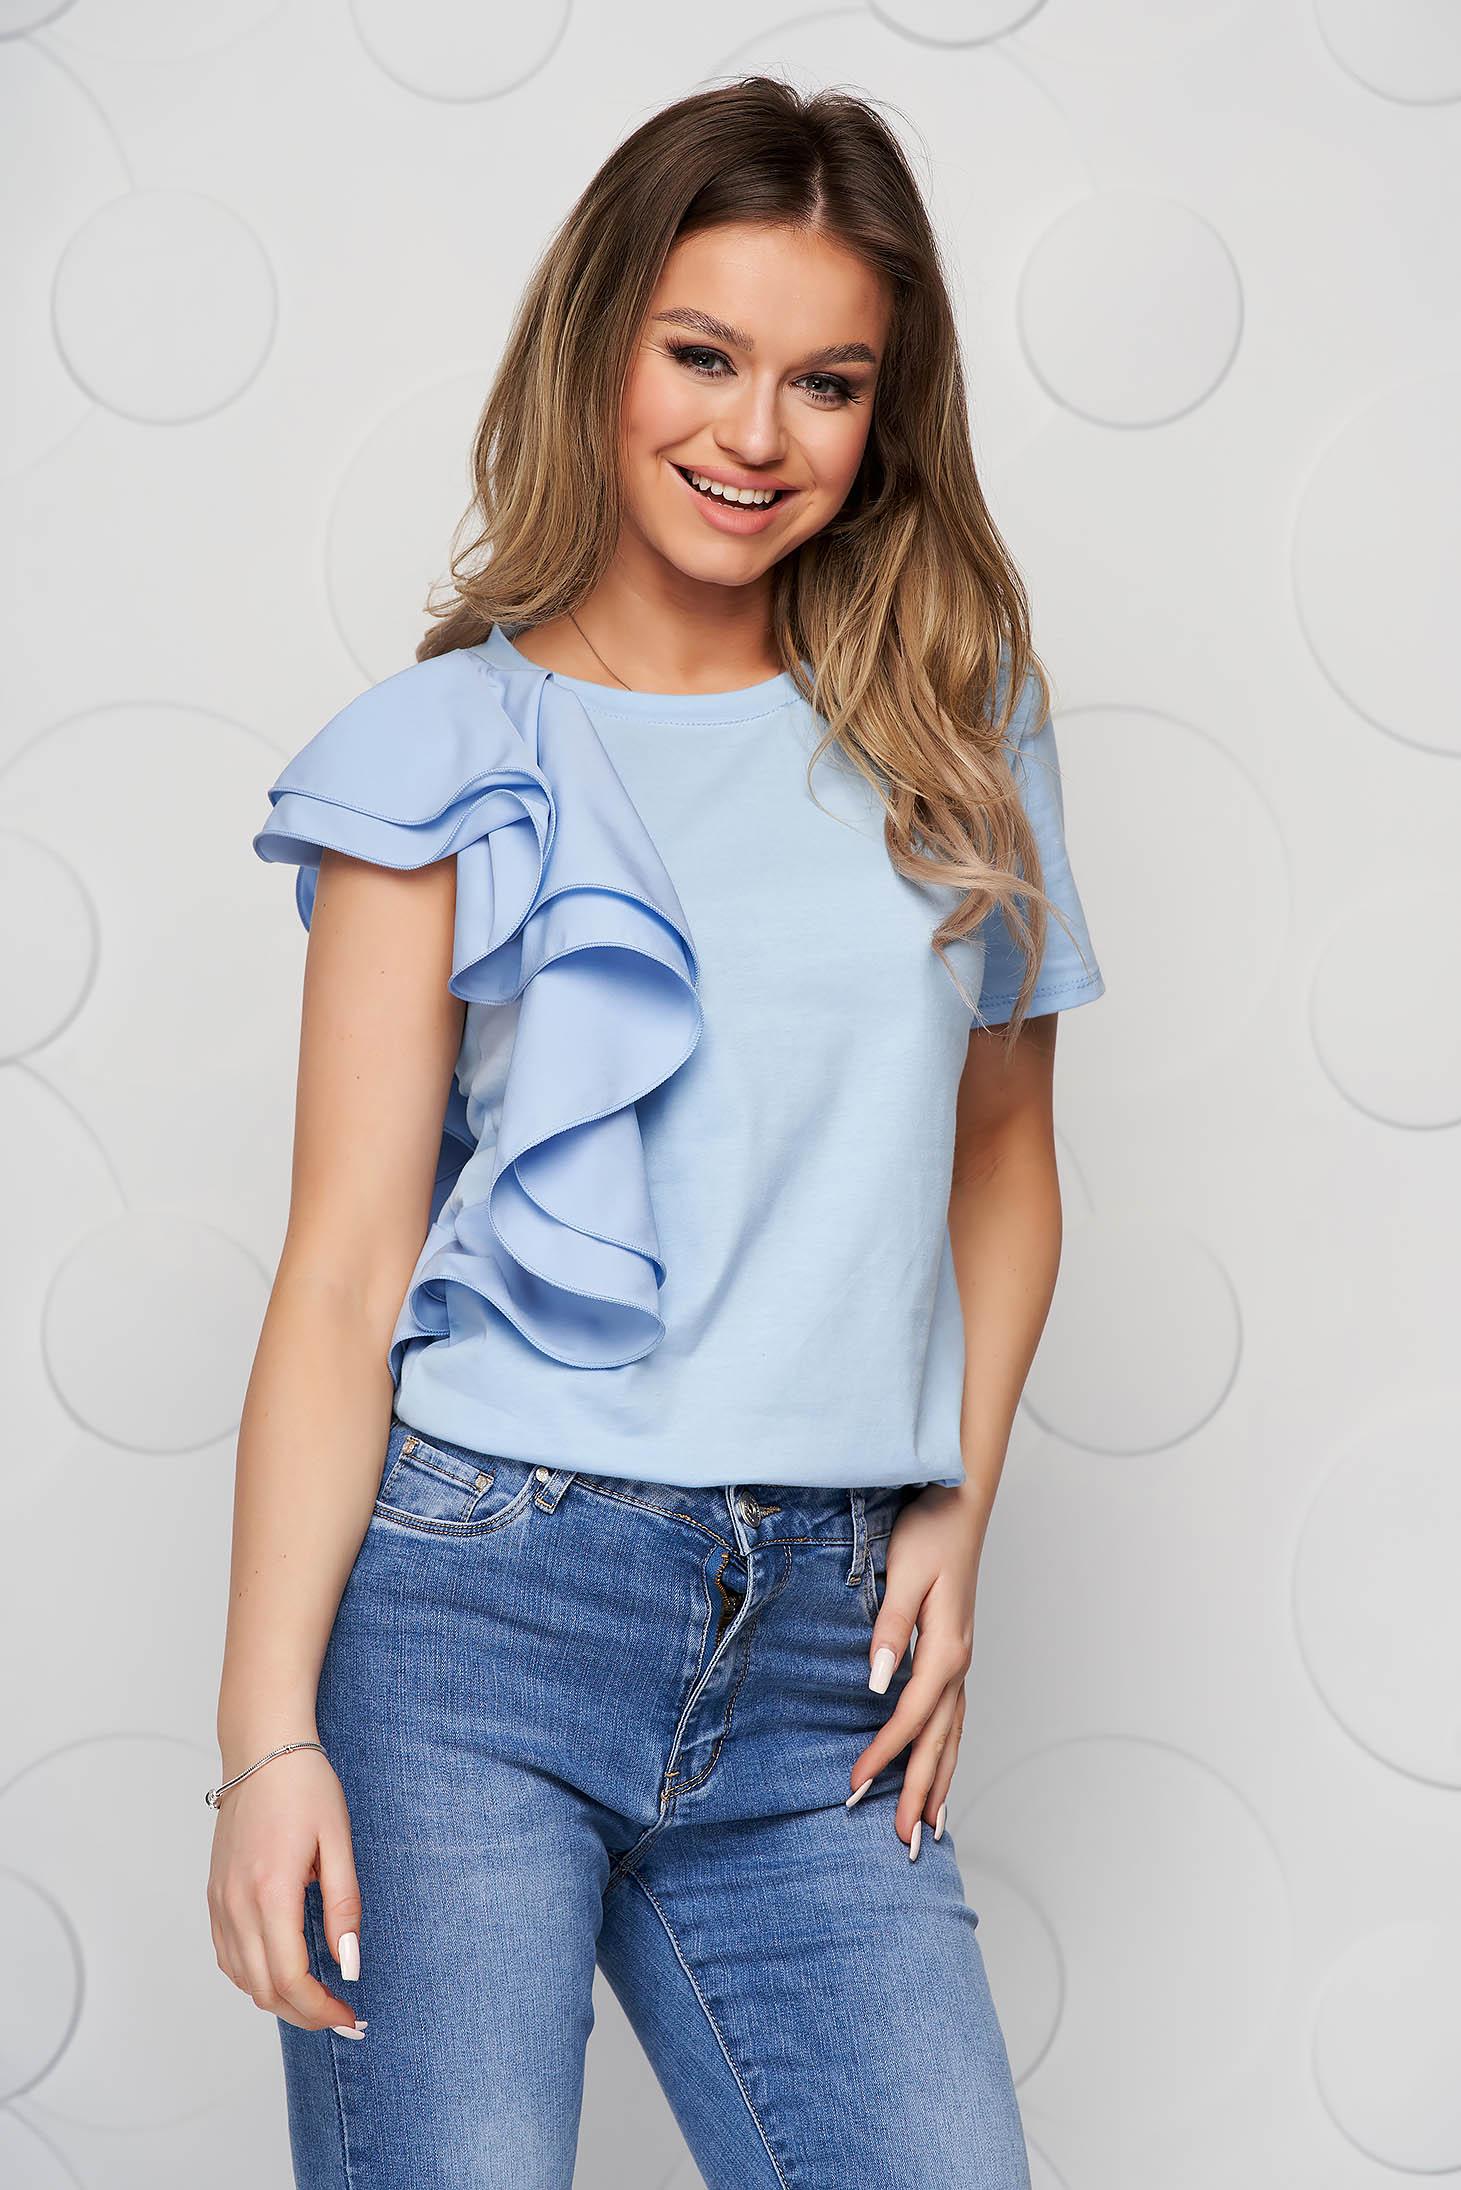 Bluza dama SunShine albastru-deschis cu croi larg scurta cu volanase din voal